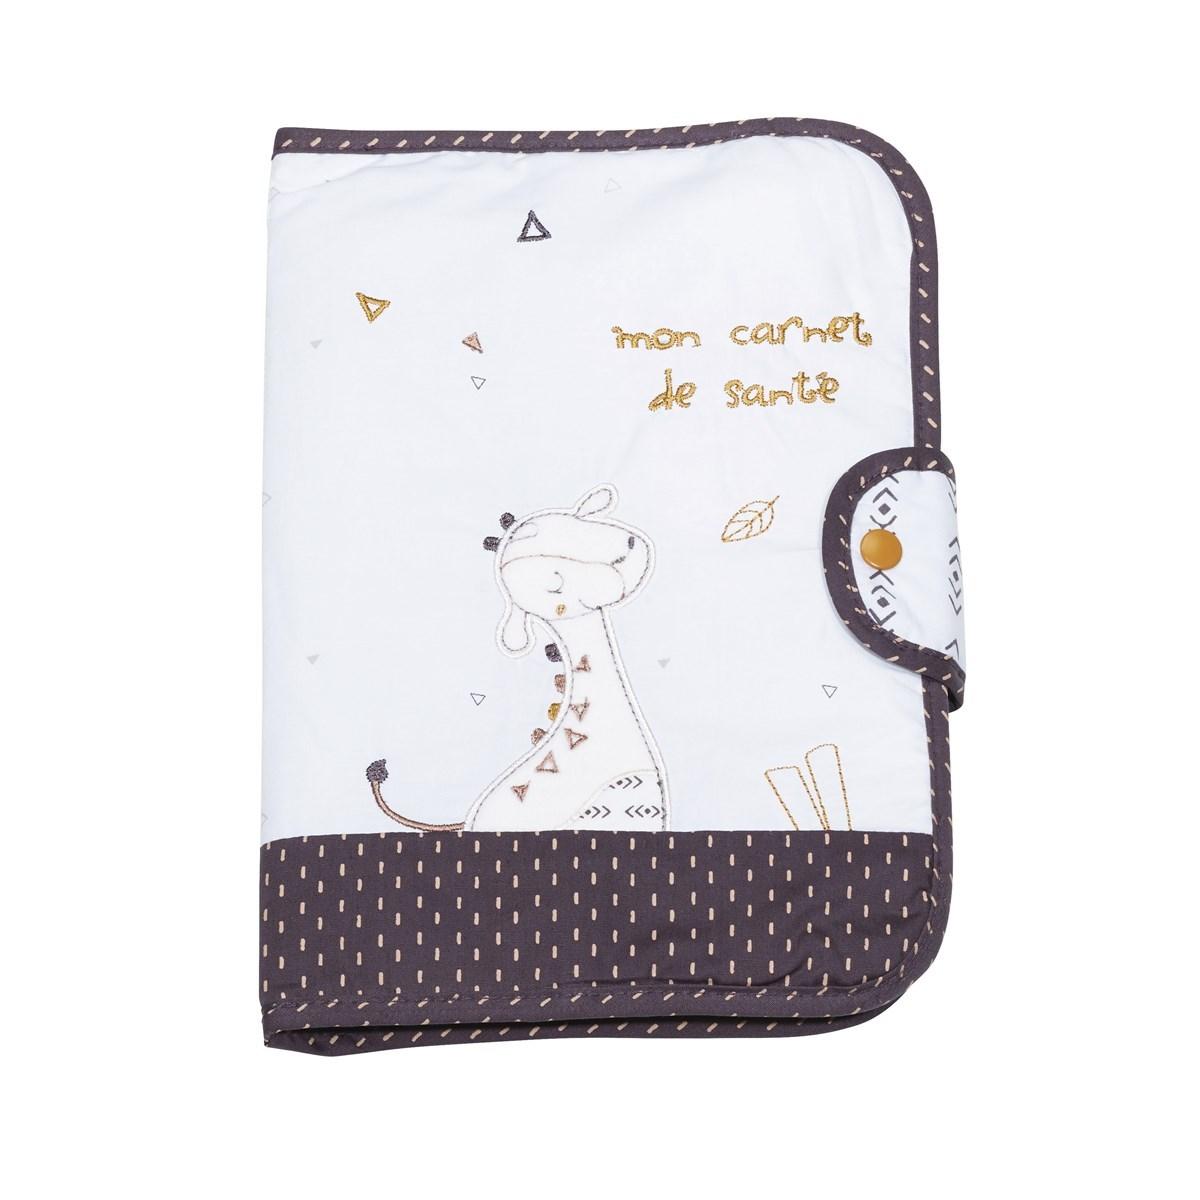 Protege carnet de sante en coton blanc